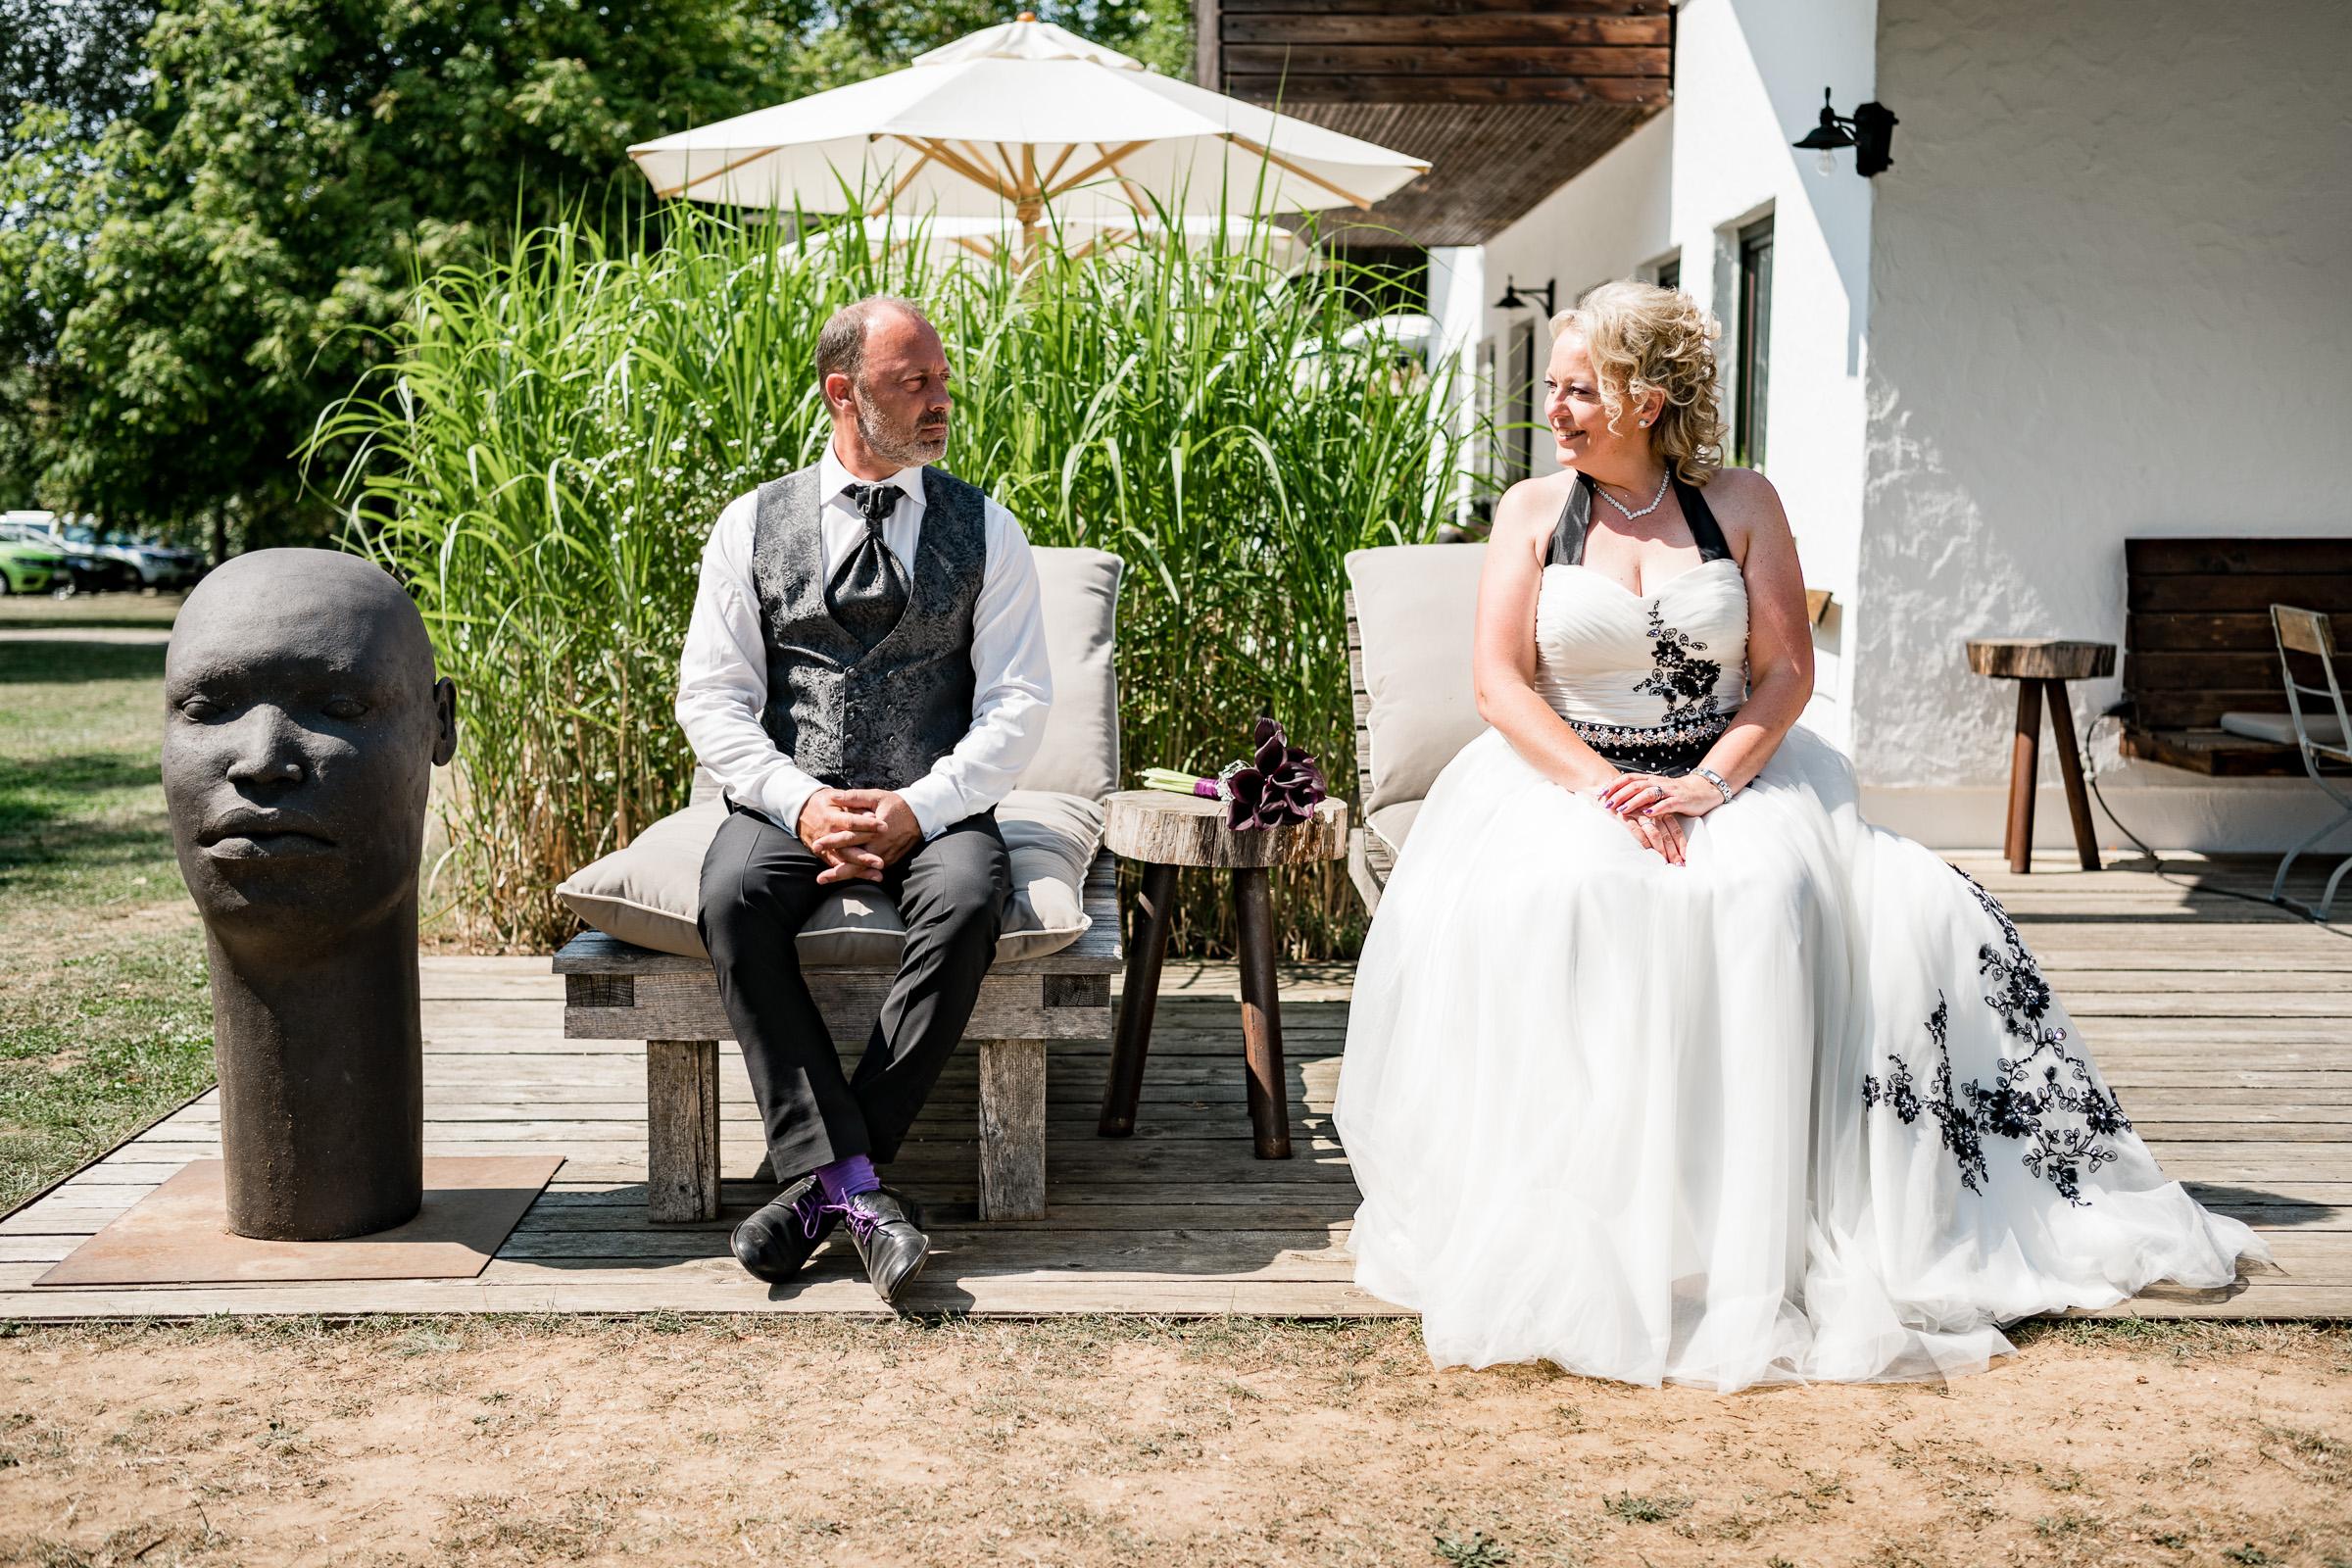 Hochzeitsfotograf-Straubing-Parsberg-Hilzhofen00002.jpg